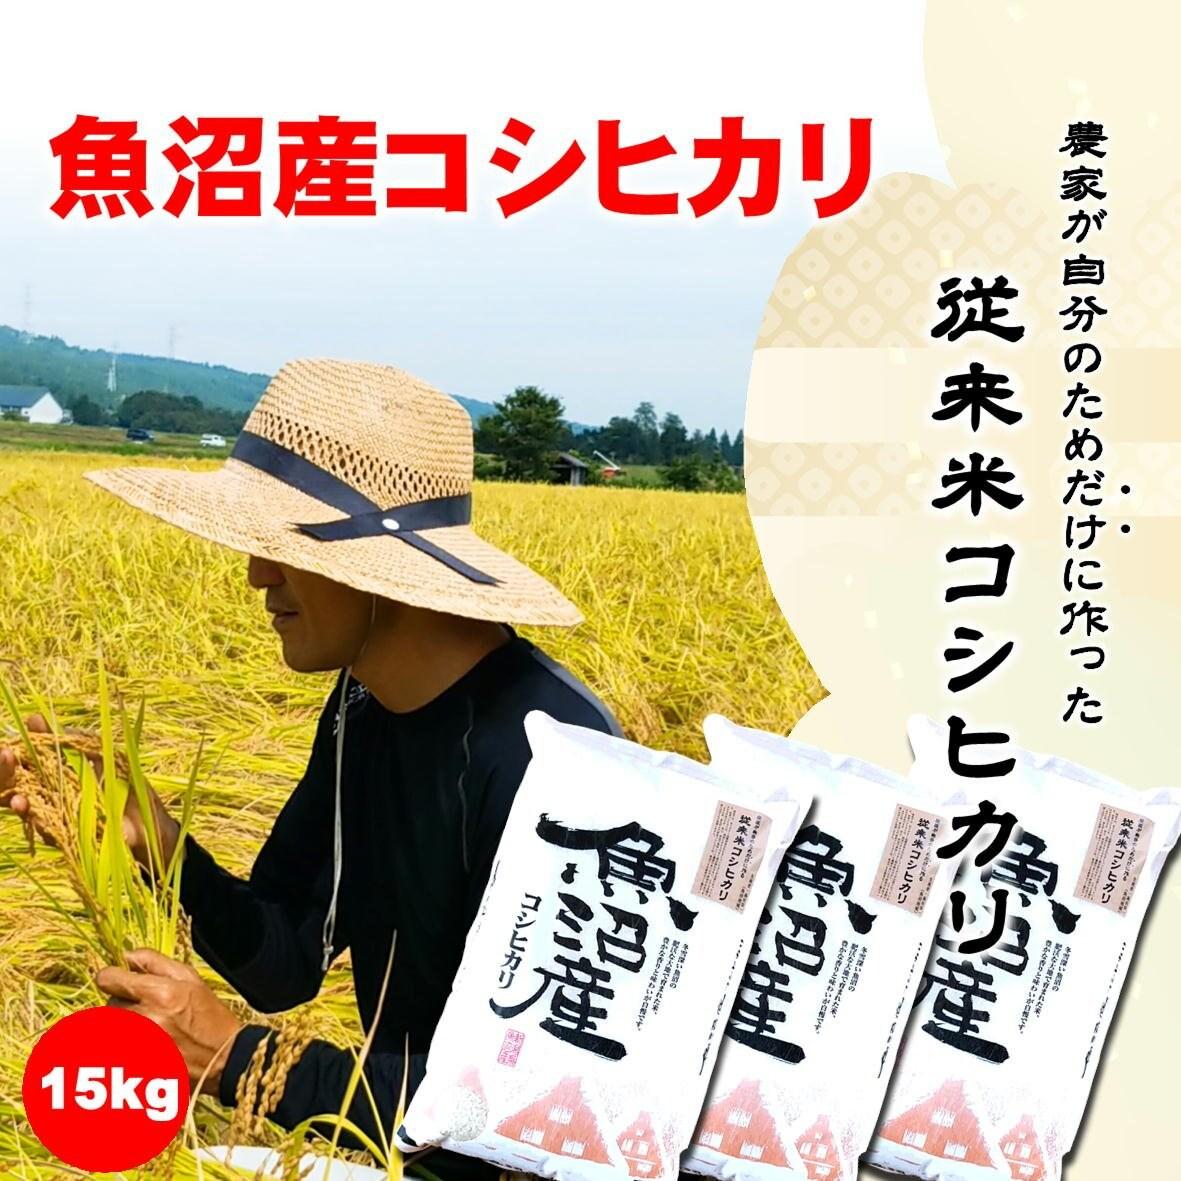 魚沼産コシヒカリ従来米